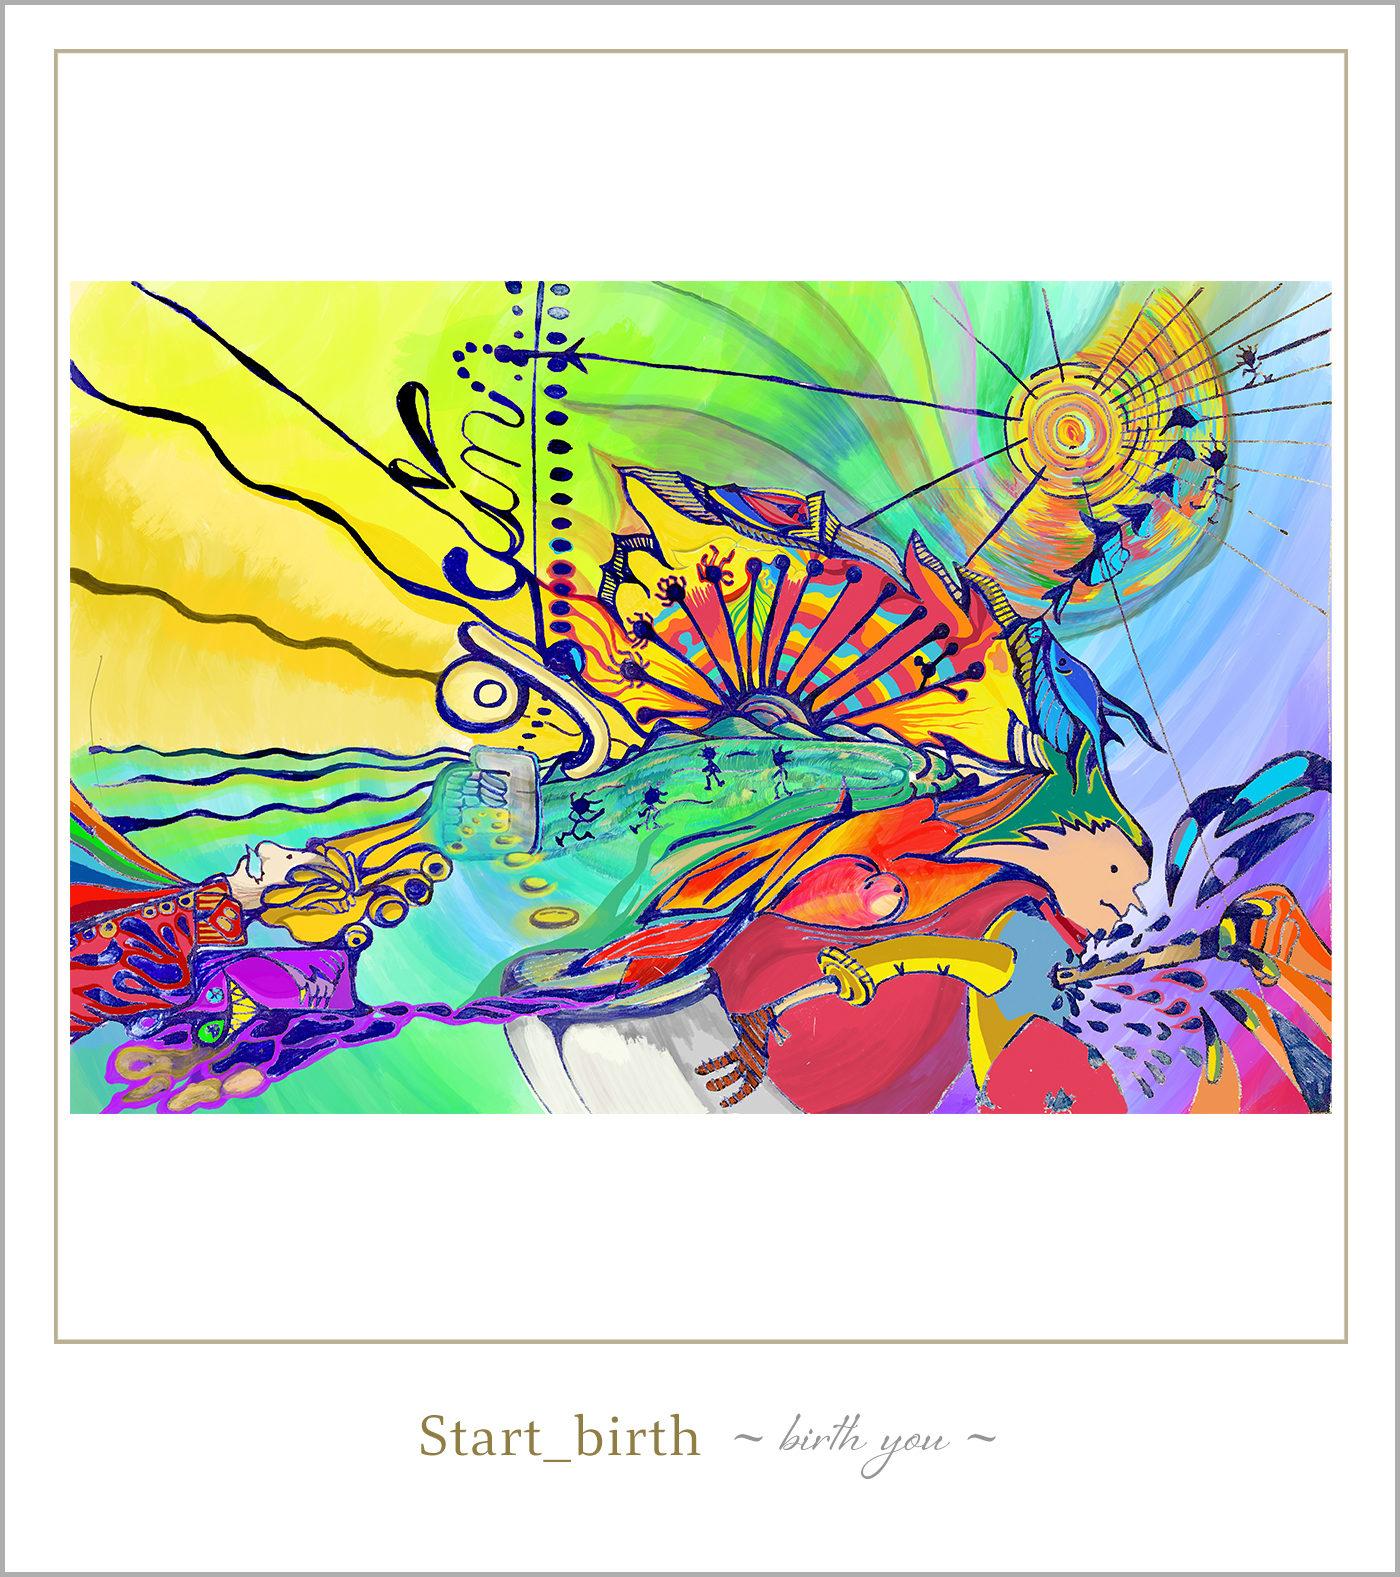 Start_birth